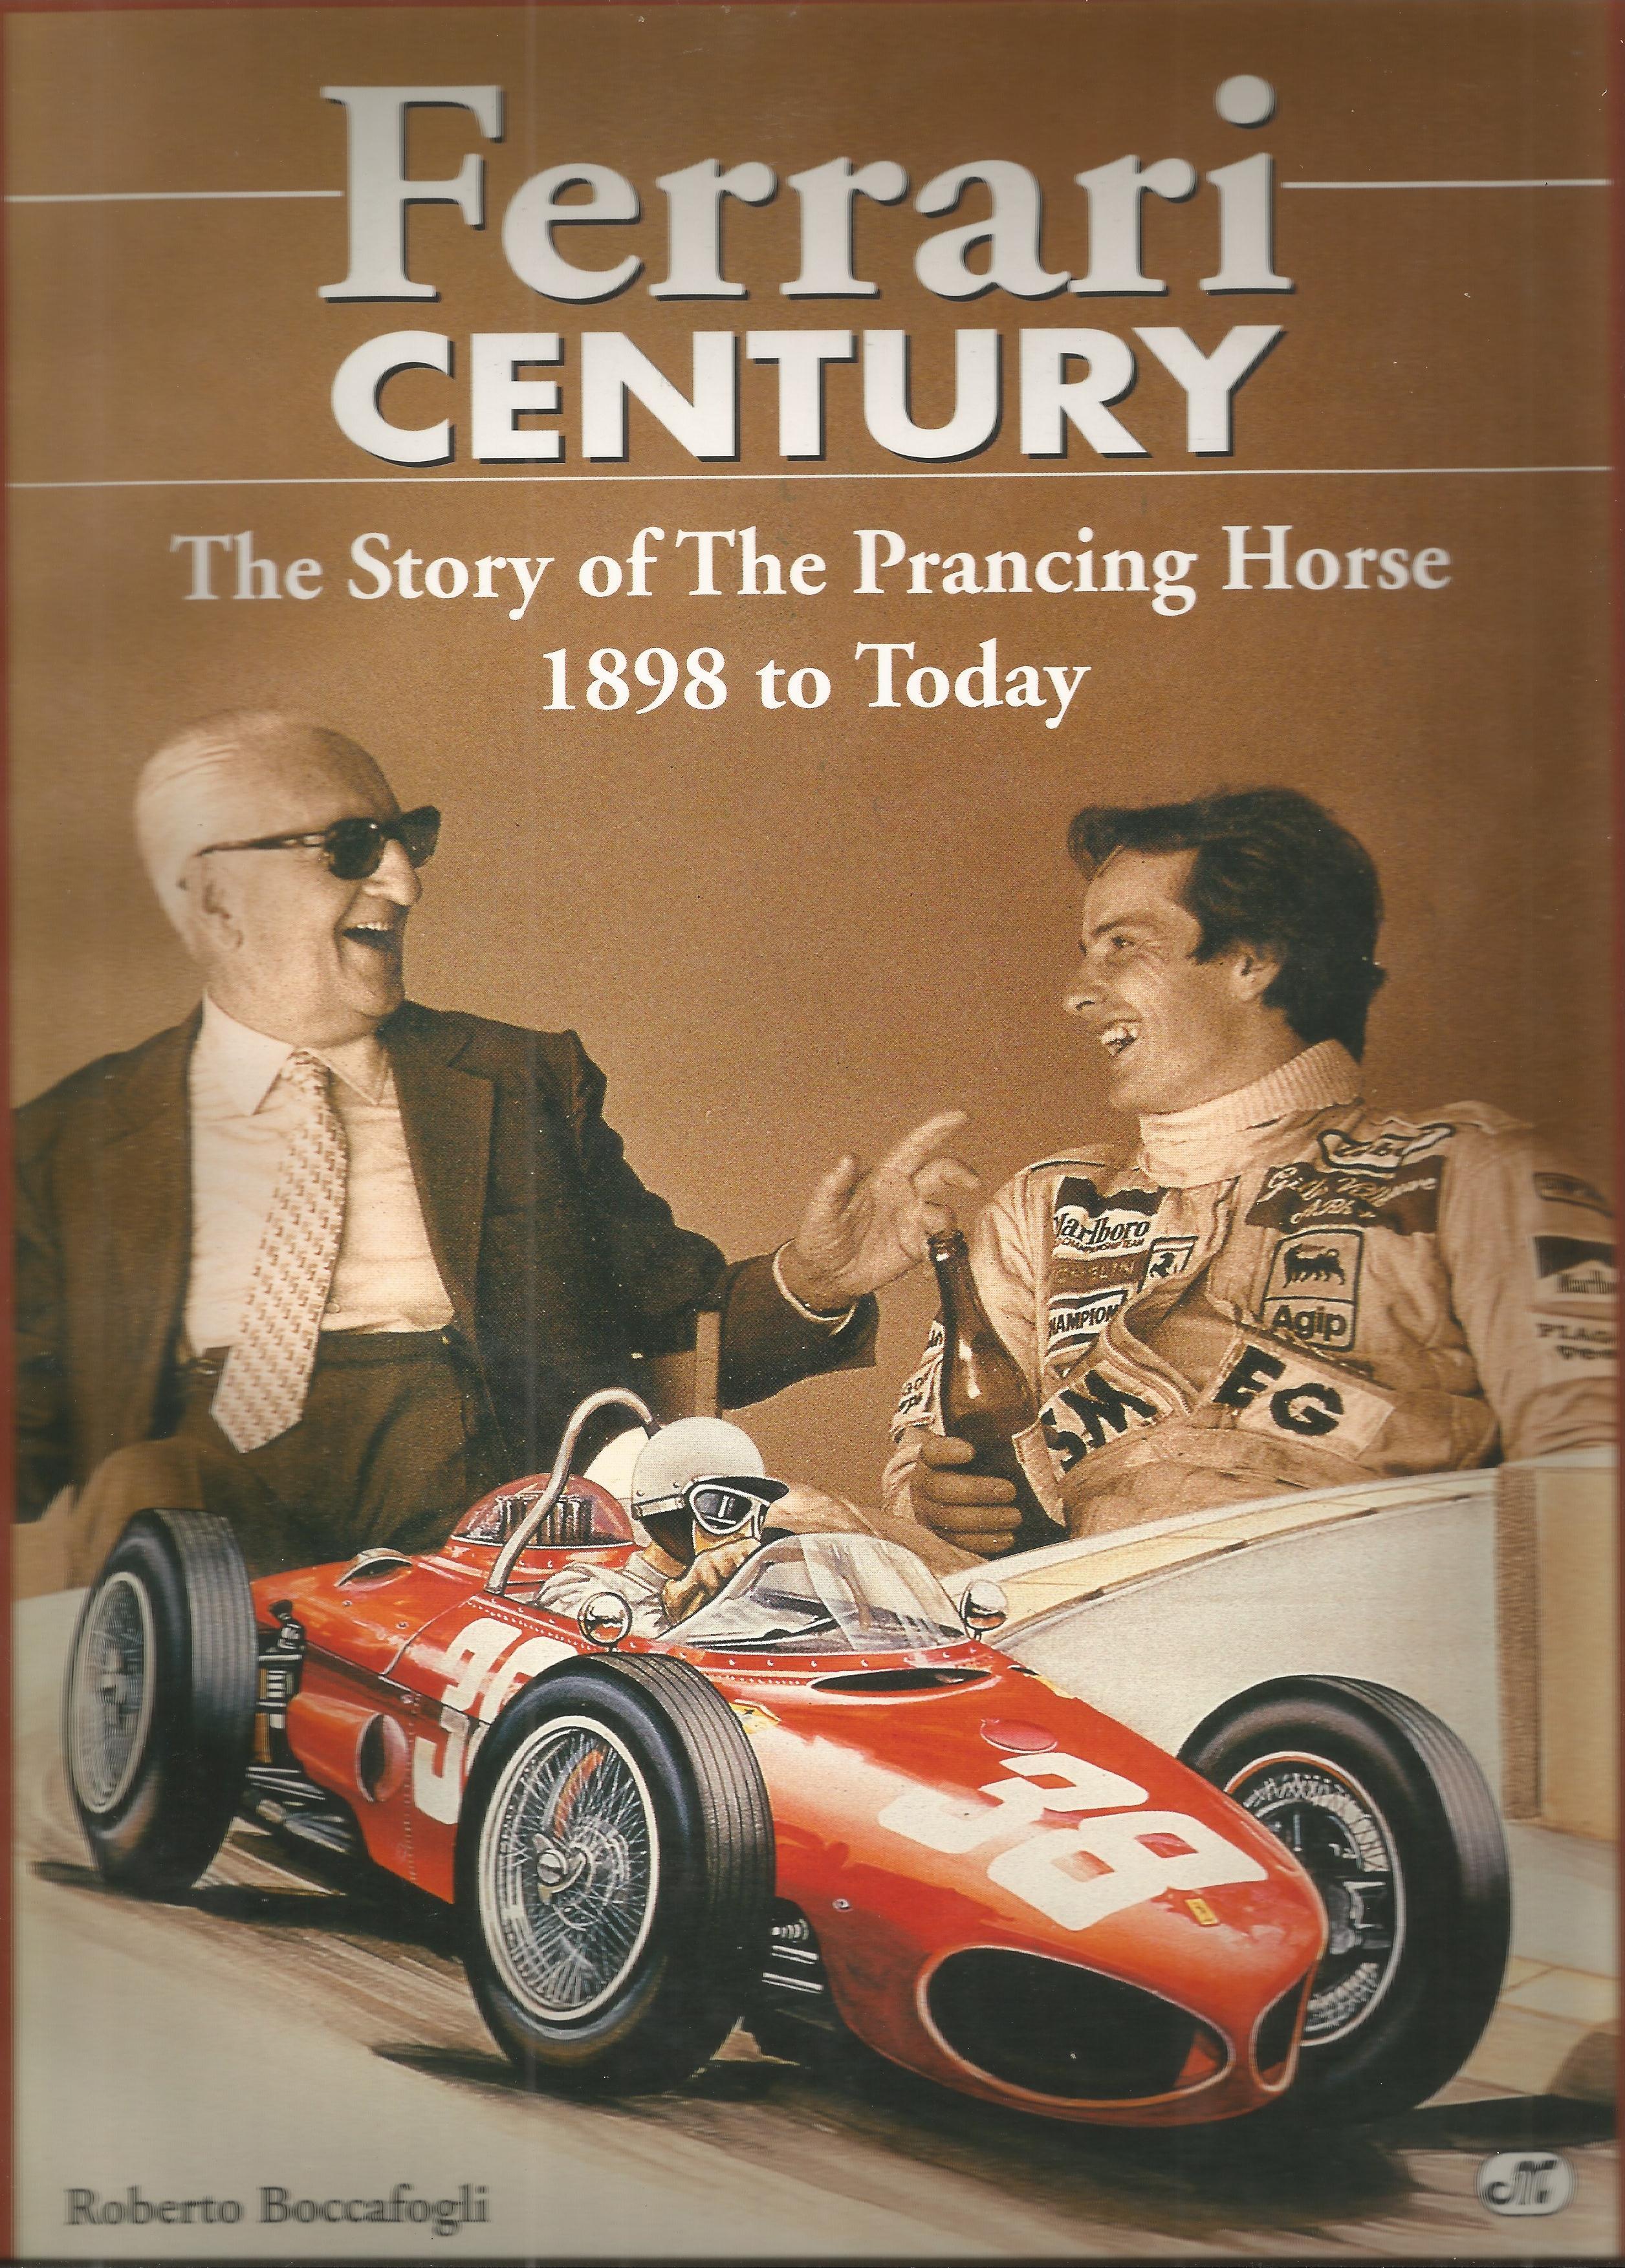 Ferrari Century